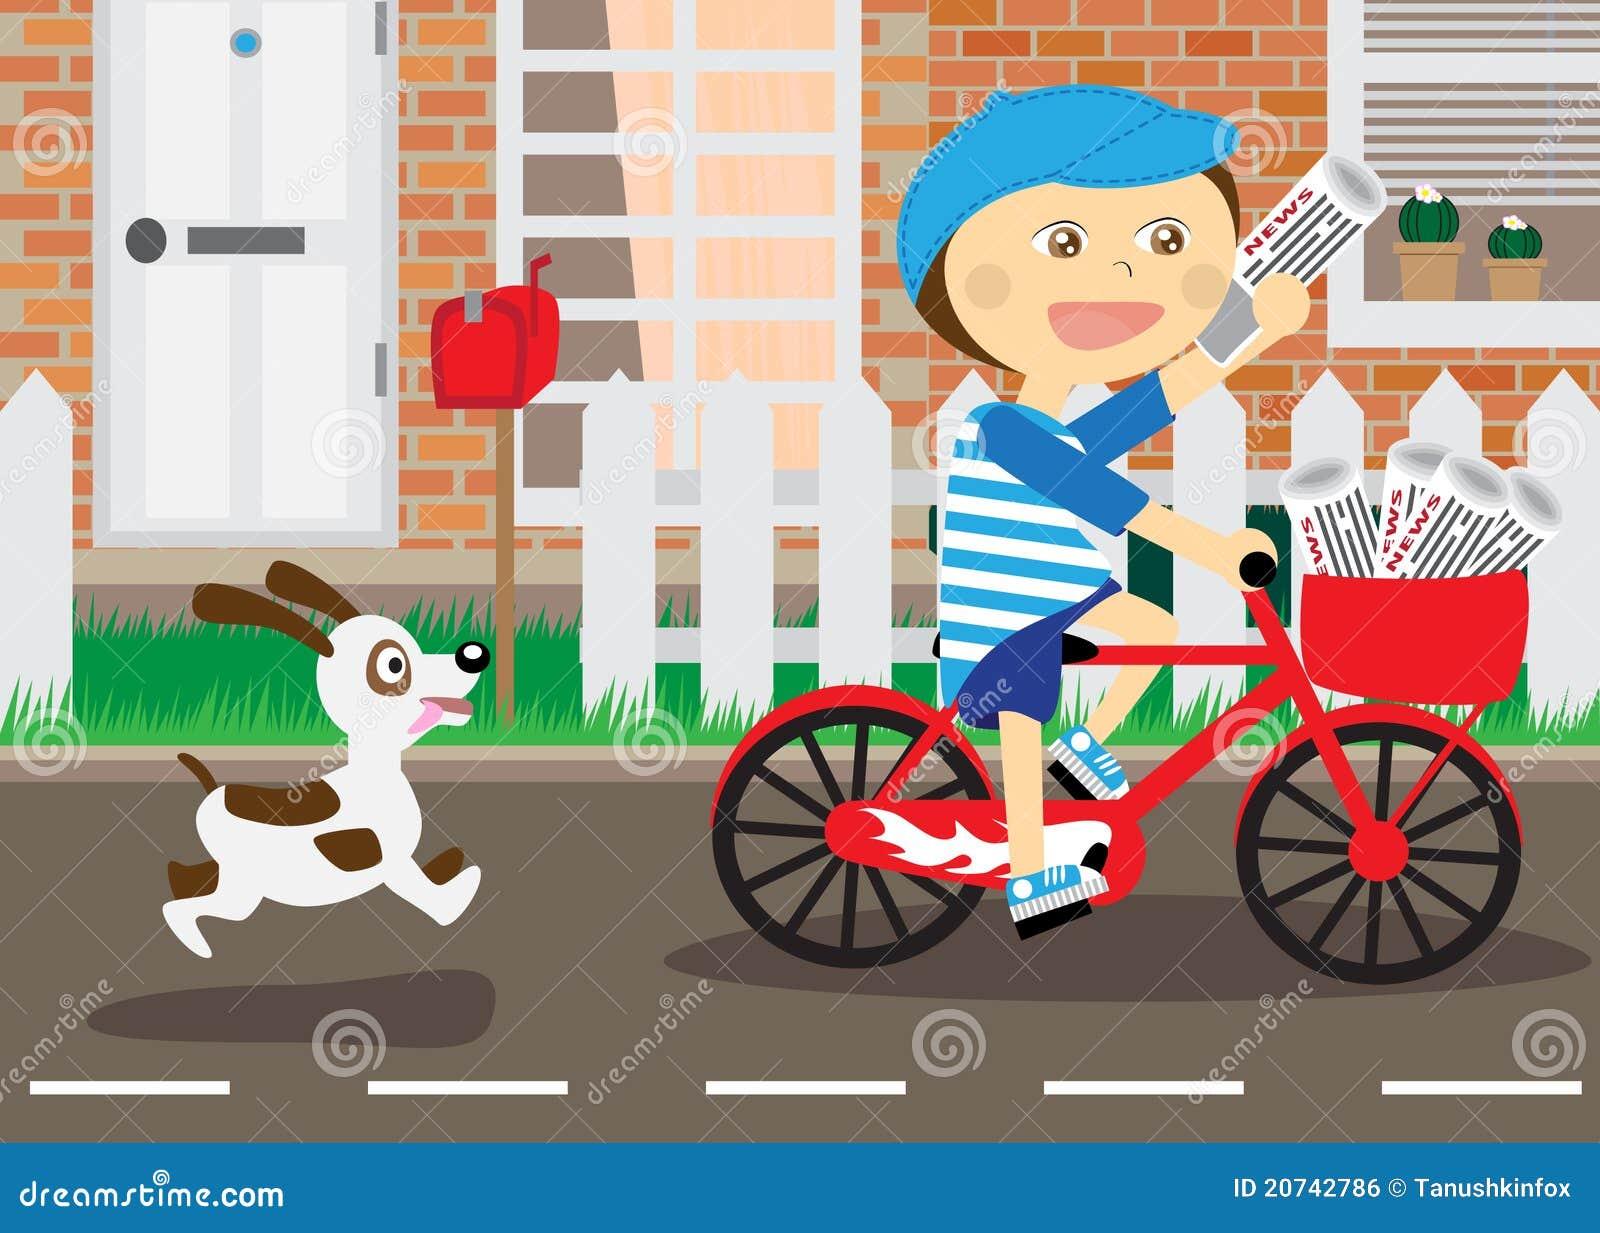 Ragazzo sulla bicicletta messaggero dei giornali for Giornali arredamento casa